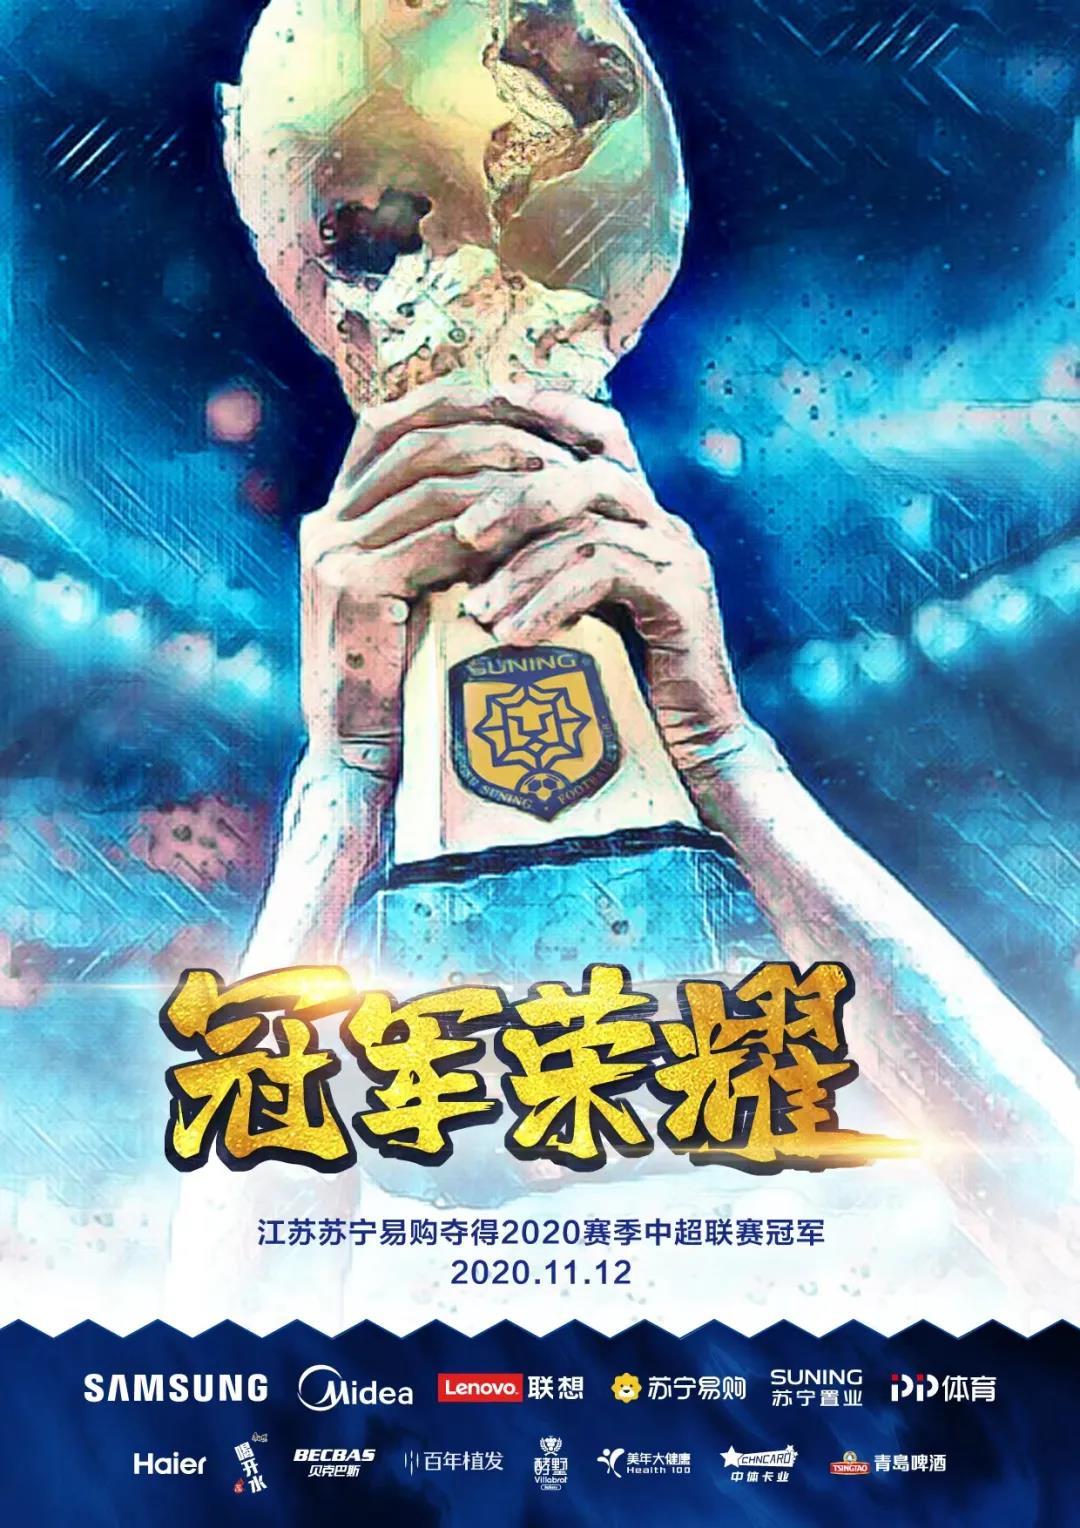 http://image2.suning.cn/uimg/cms/img/160552172946524246.jpg